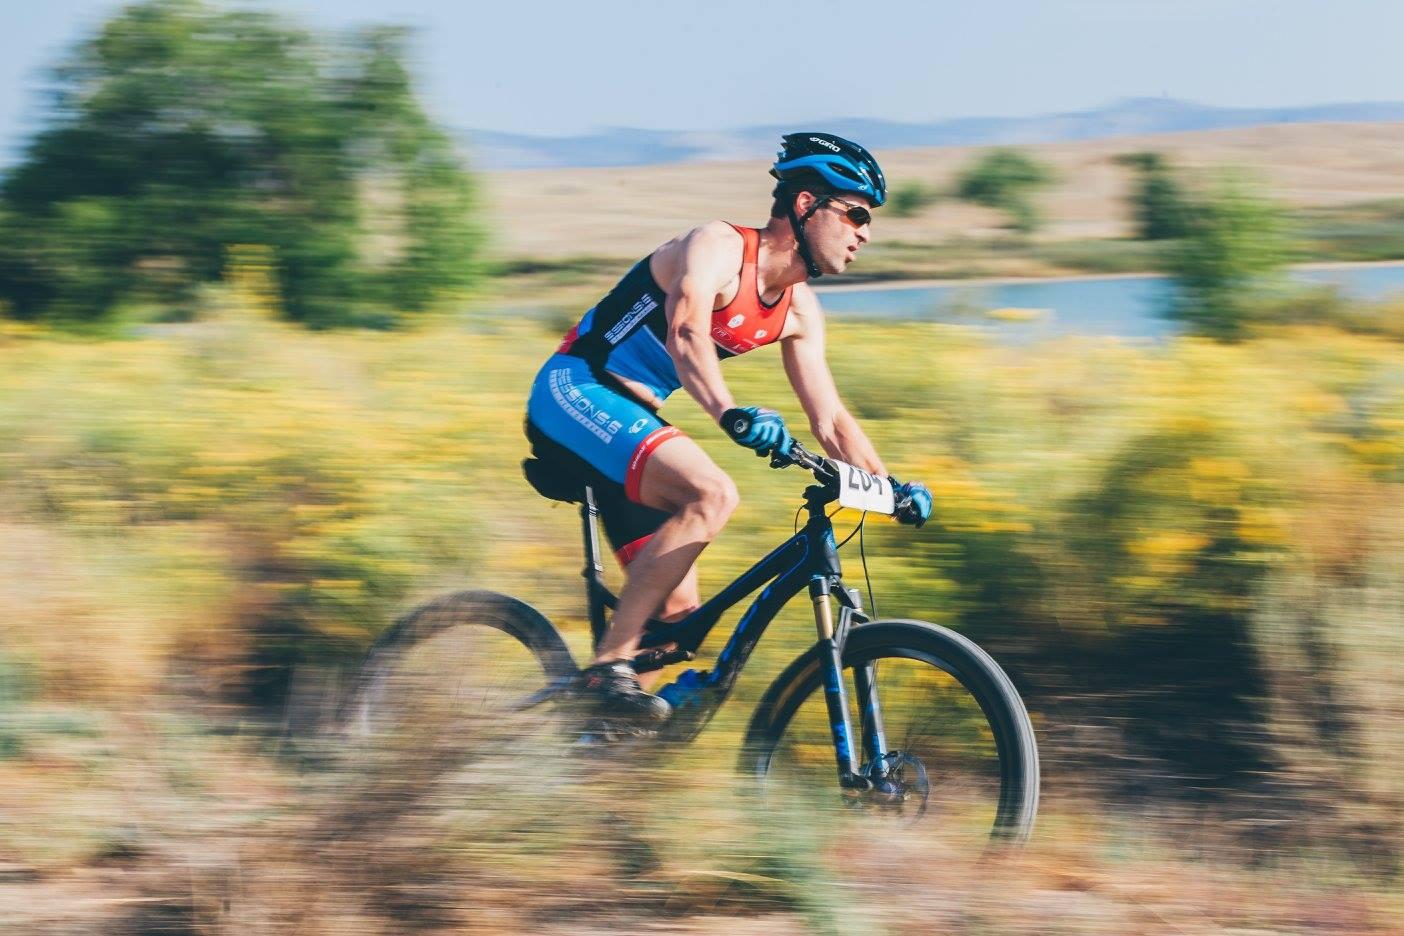 The Waite Endurance Race Preparation Plans